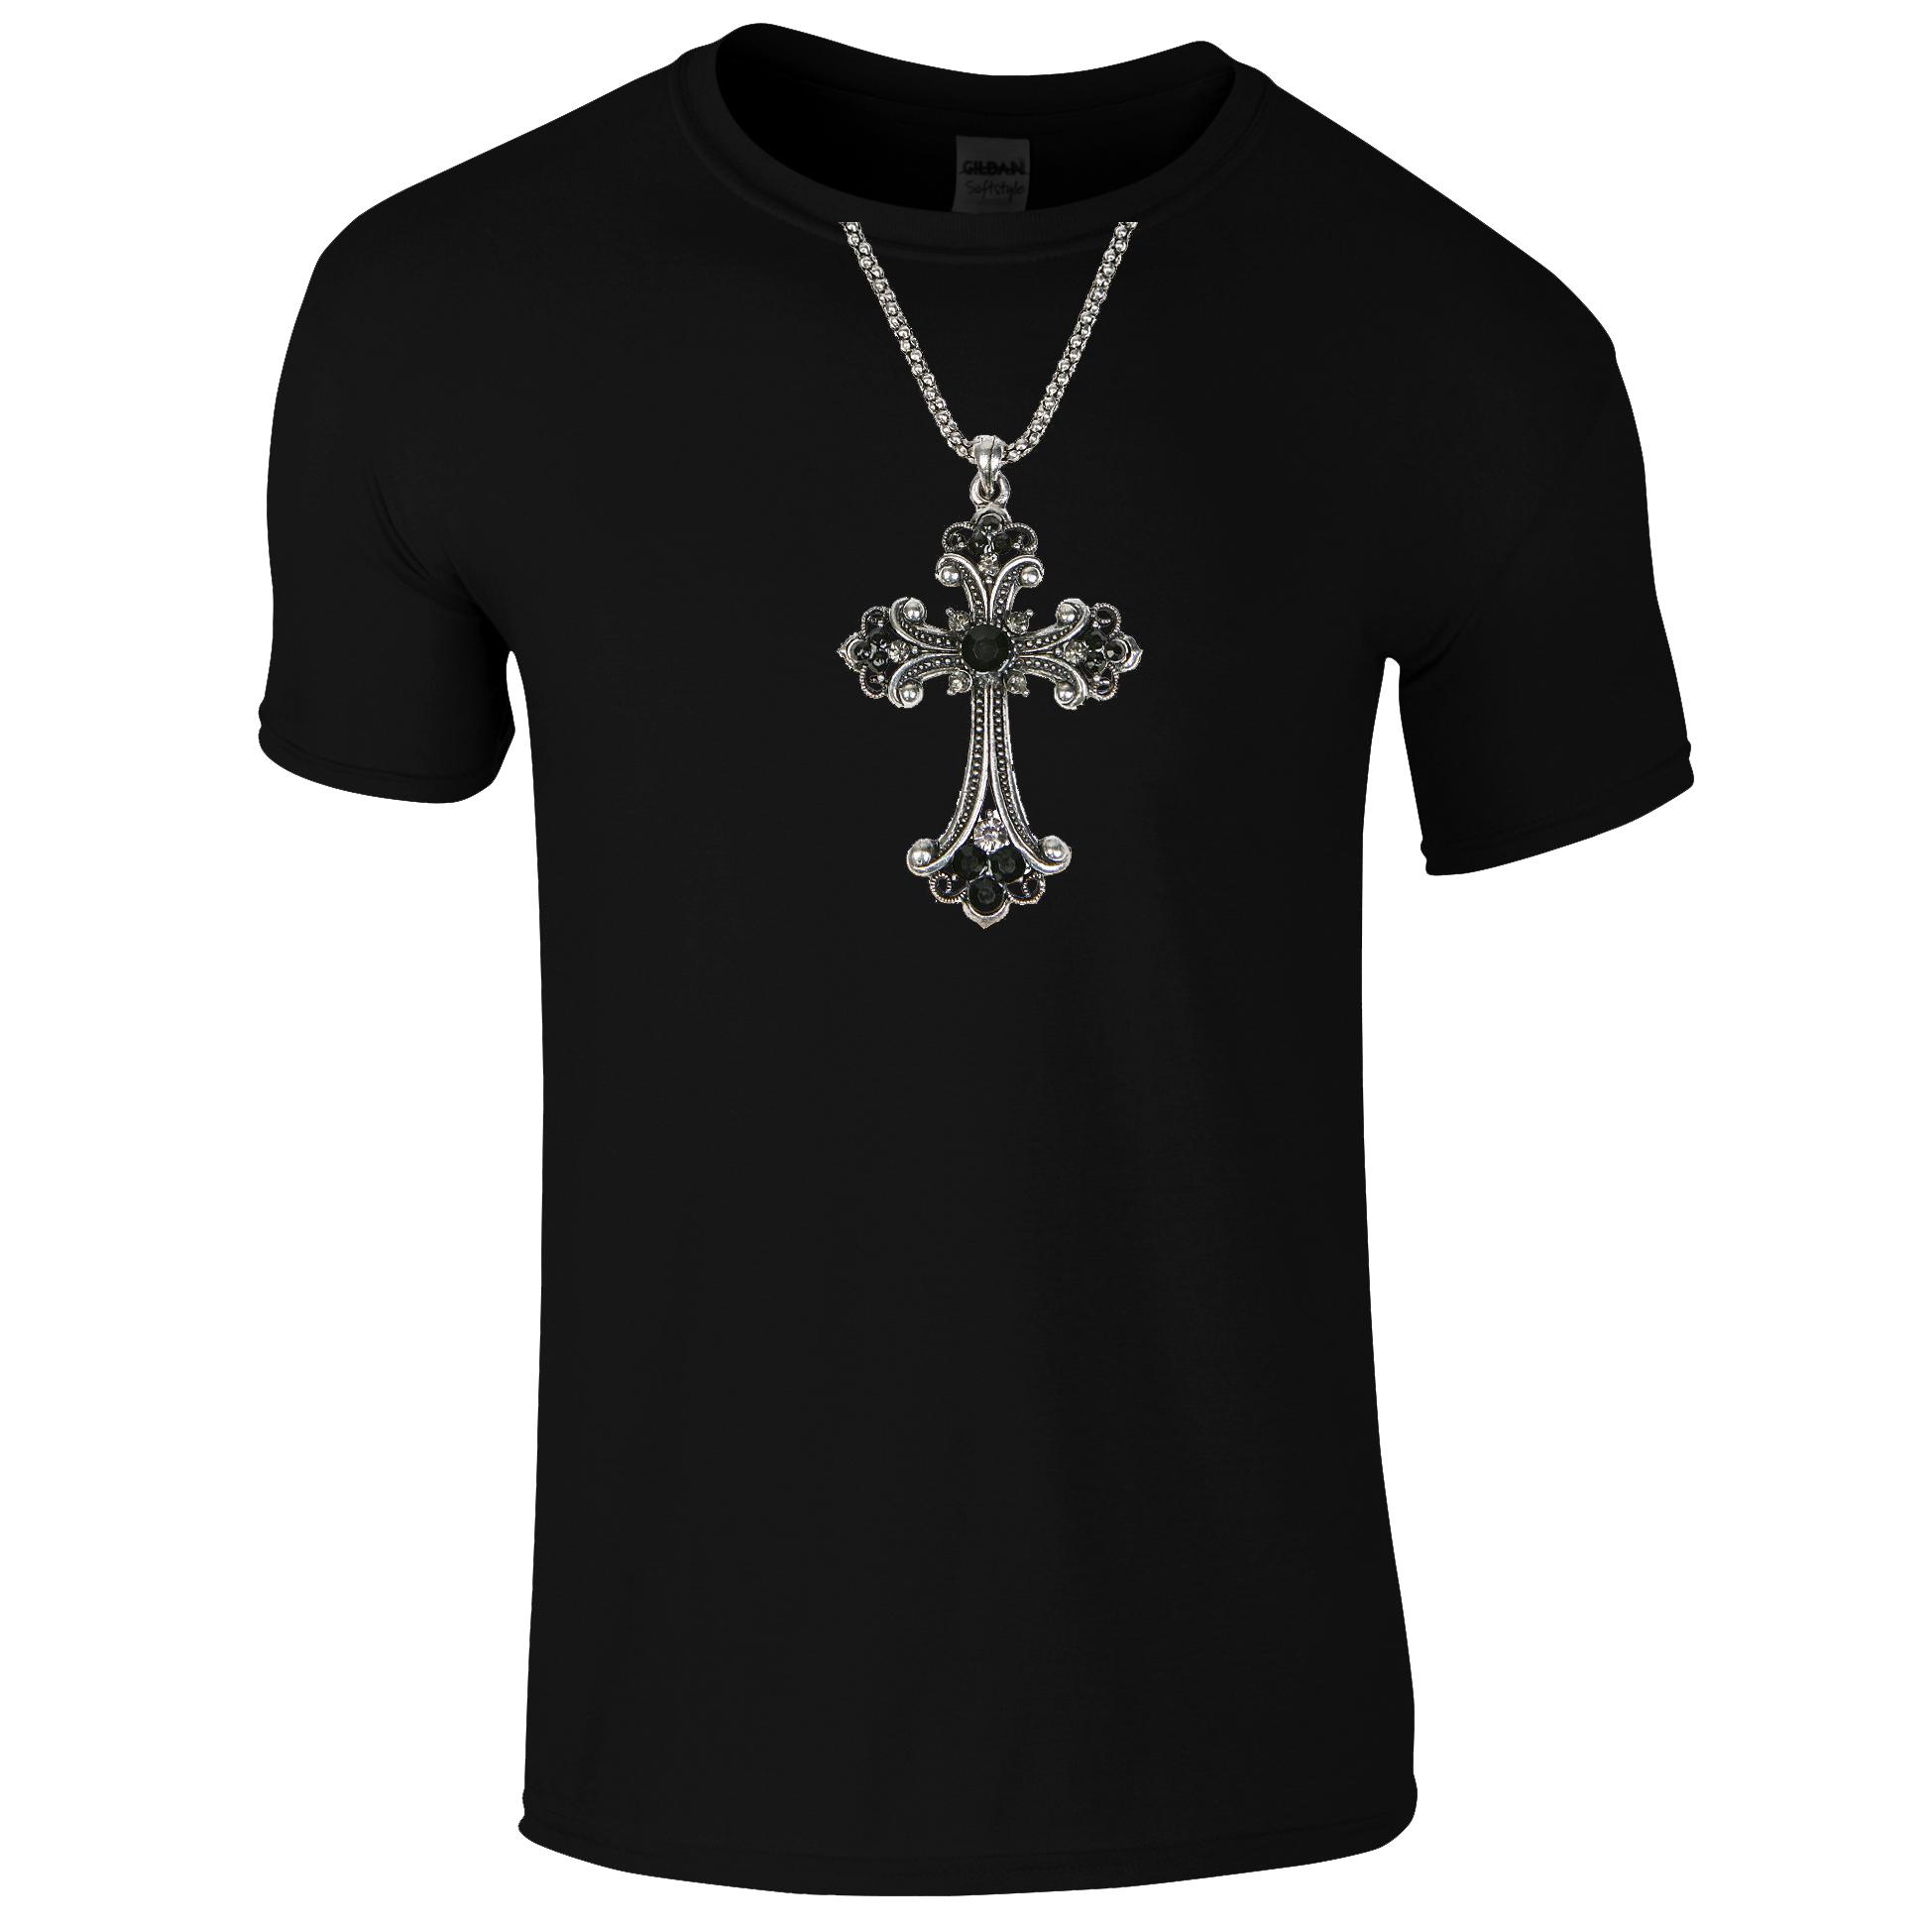 Schwarzes Gothic Shirt mit Kreuzkette